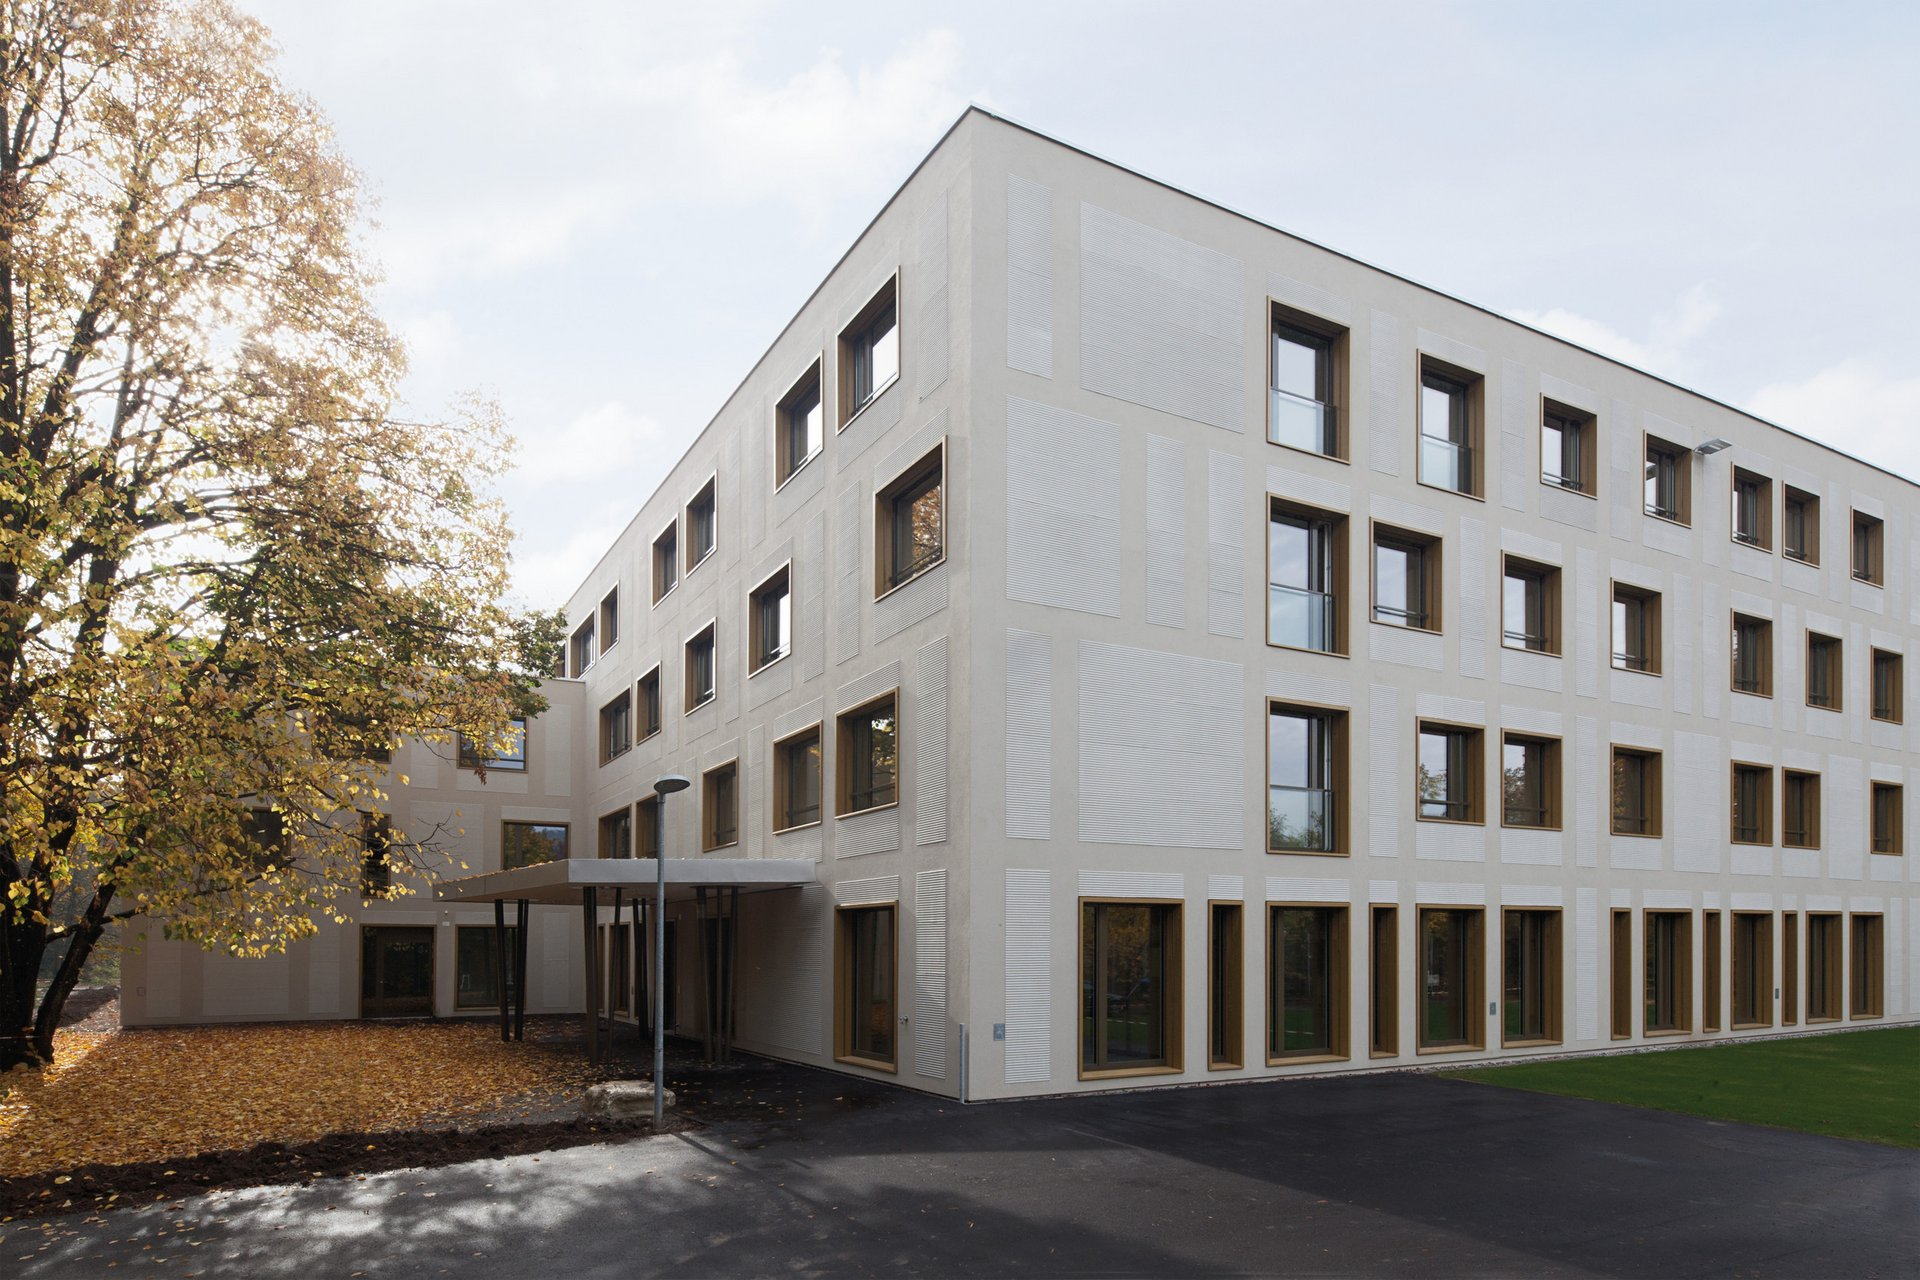 4-geschossiges Wohngebäude mit unterschiedlichen Fensterelementen